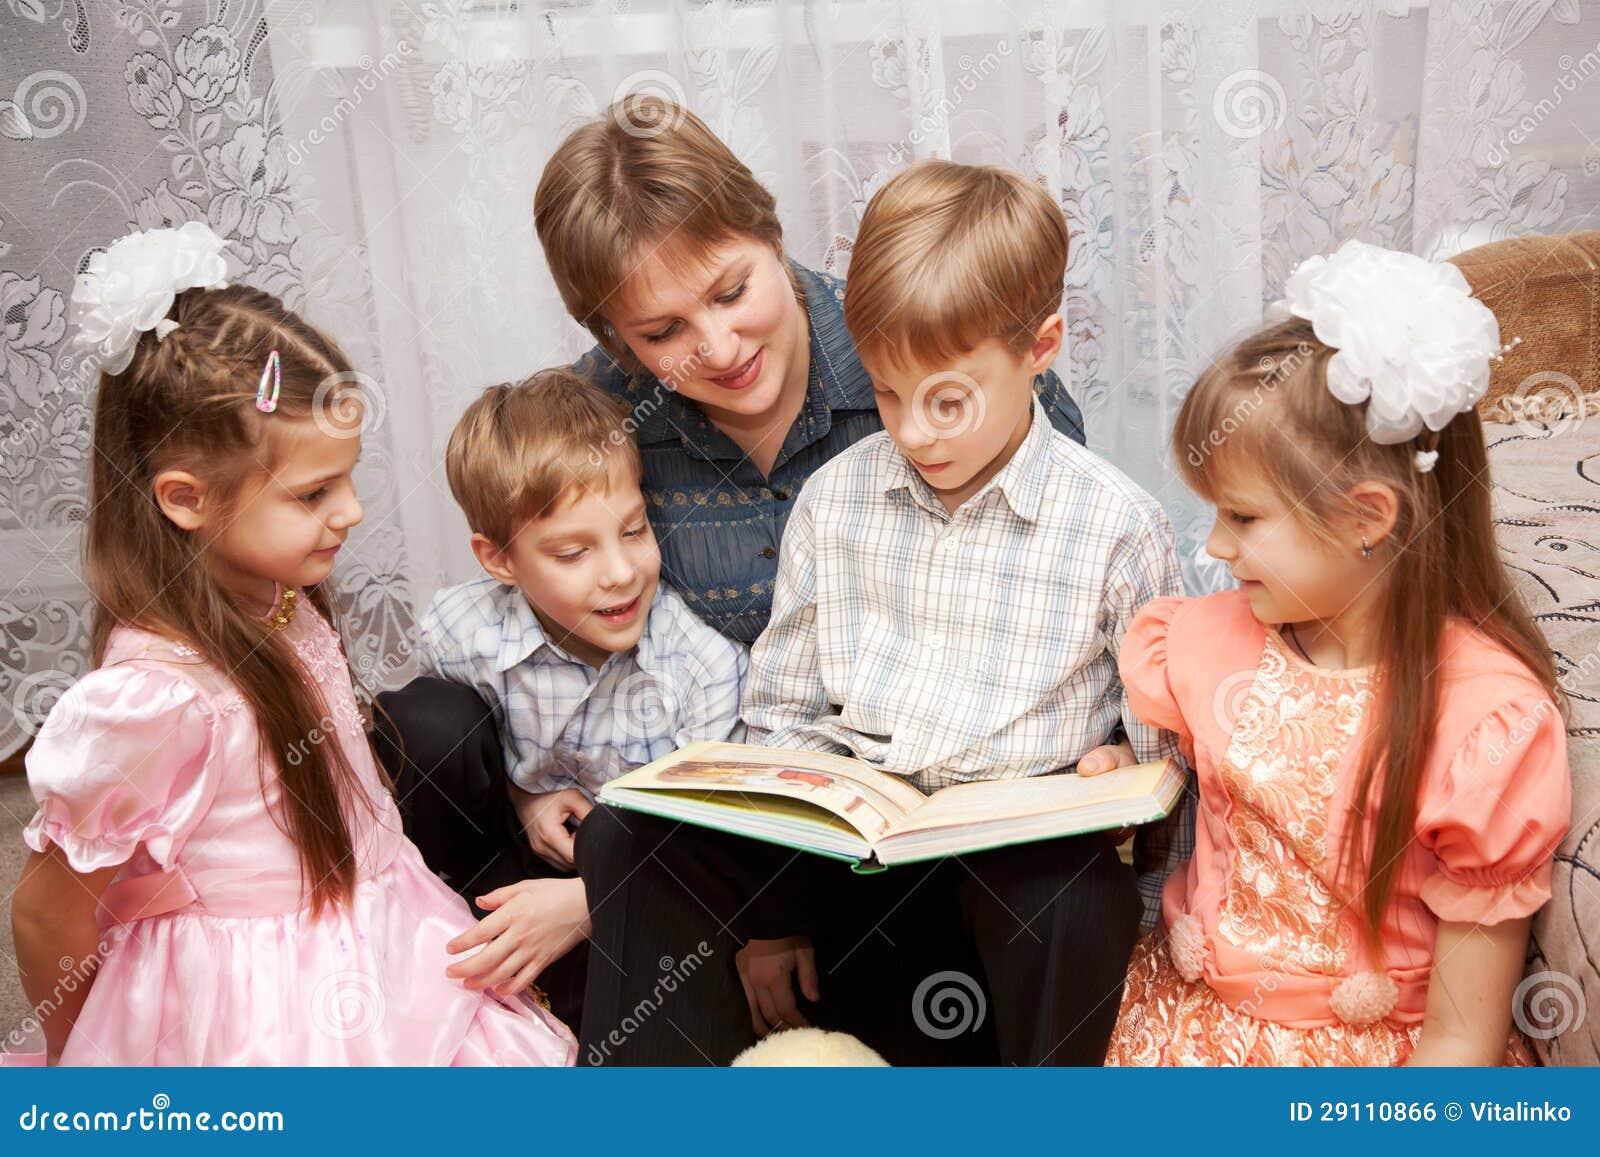 Für Kids Mütter Und Die Großen: Glückliche Mutter Und Vier Kinder, Die Ein Buch Lesen